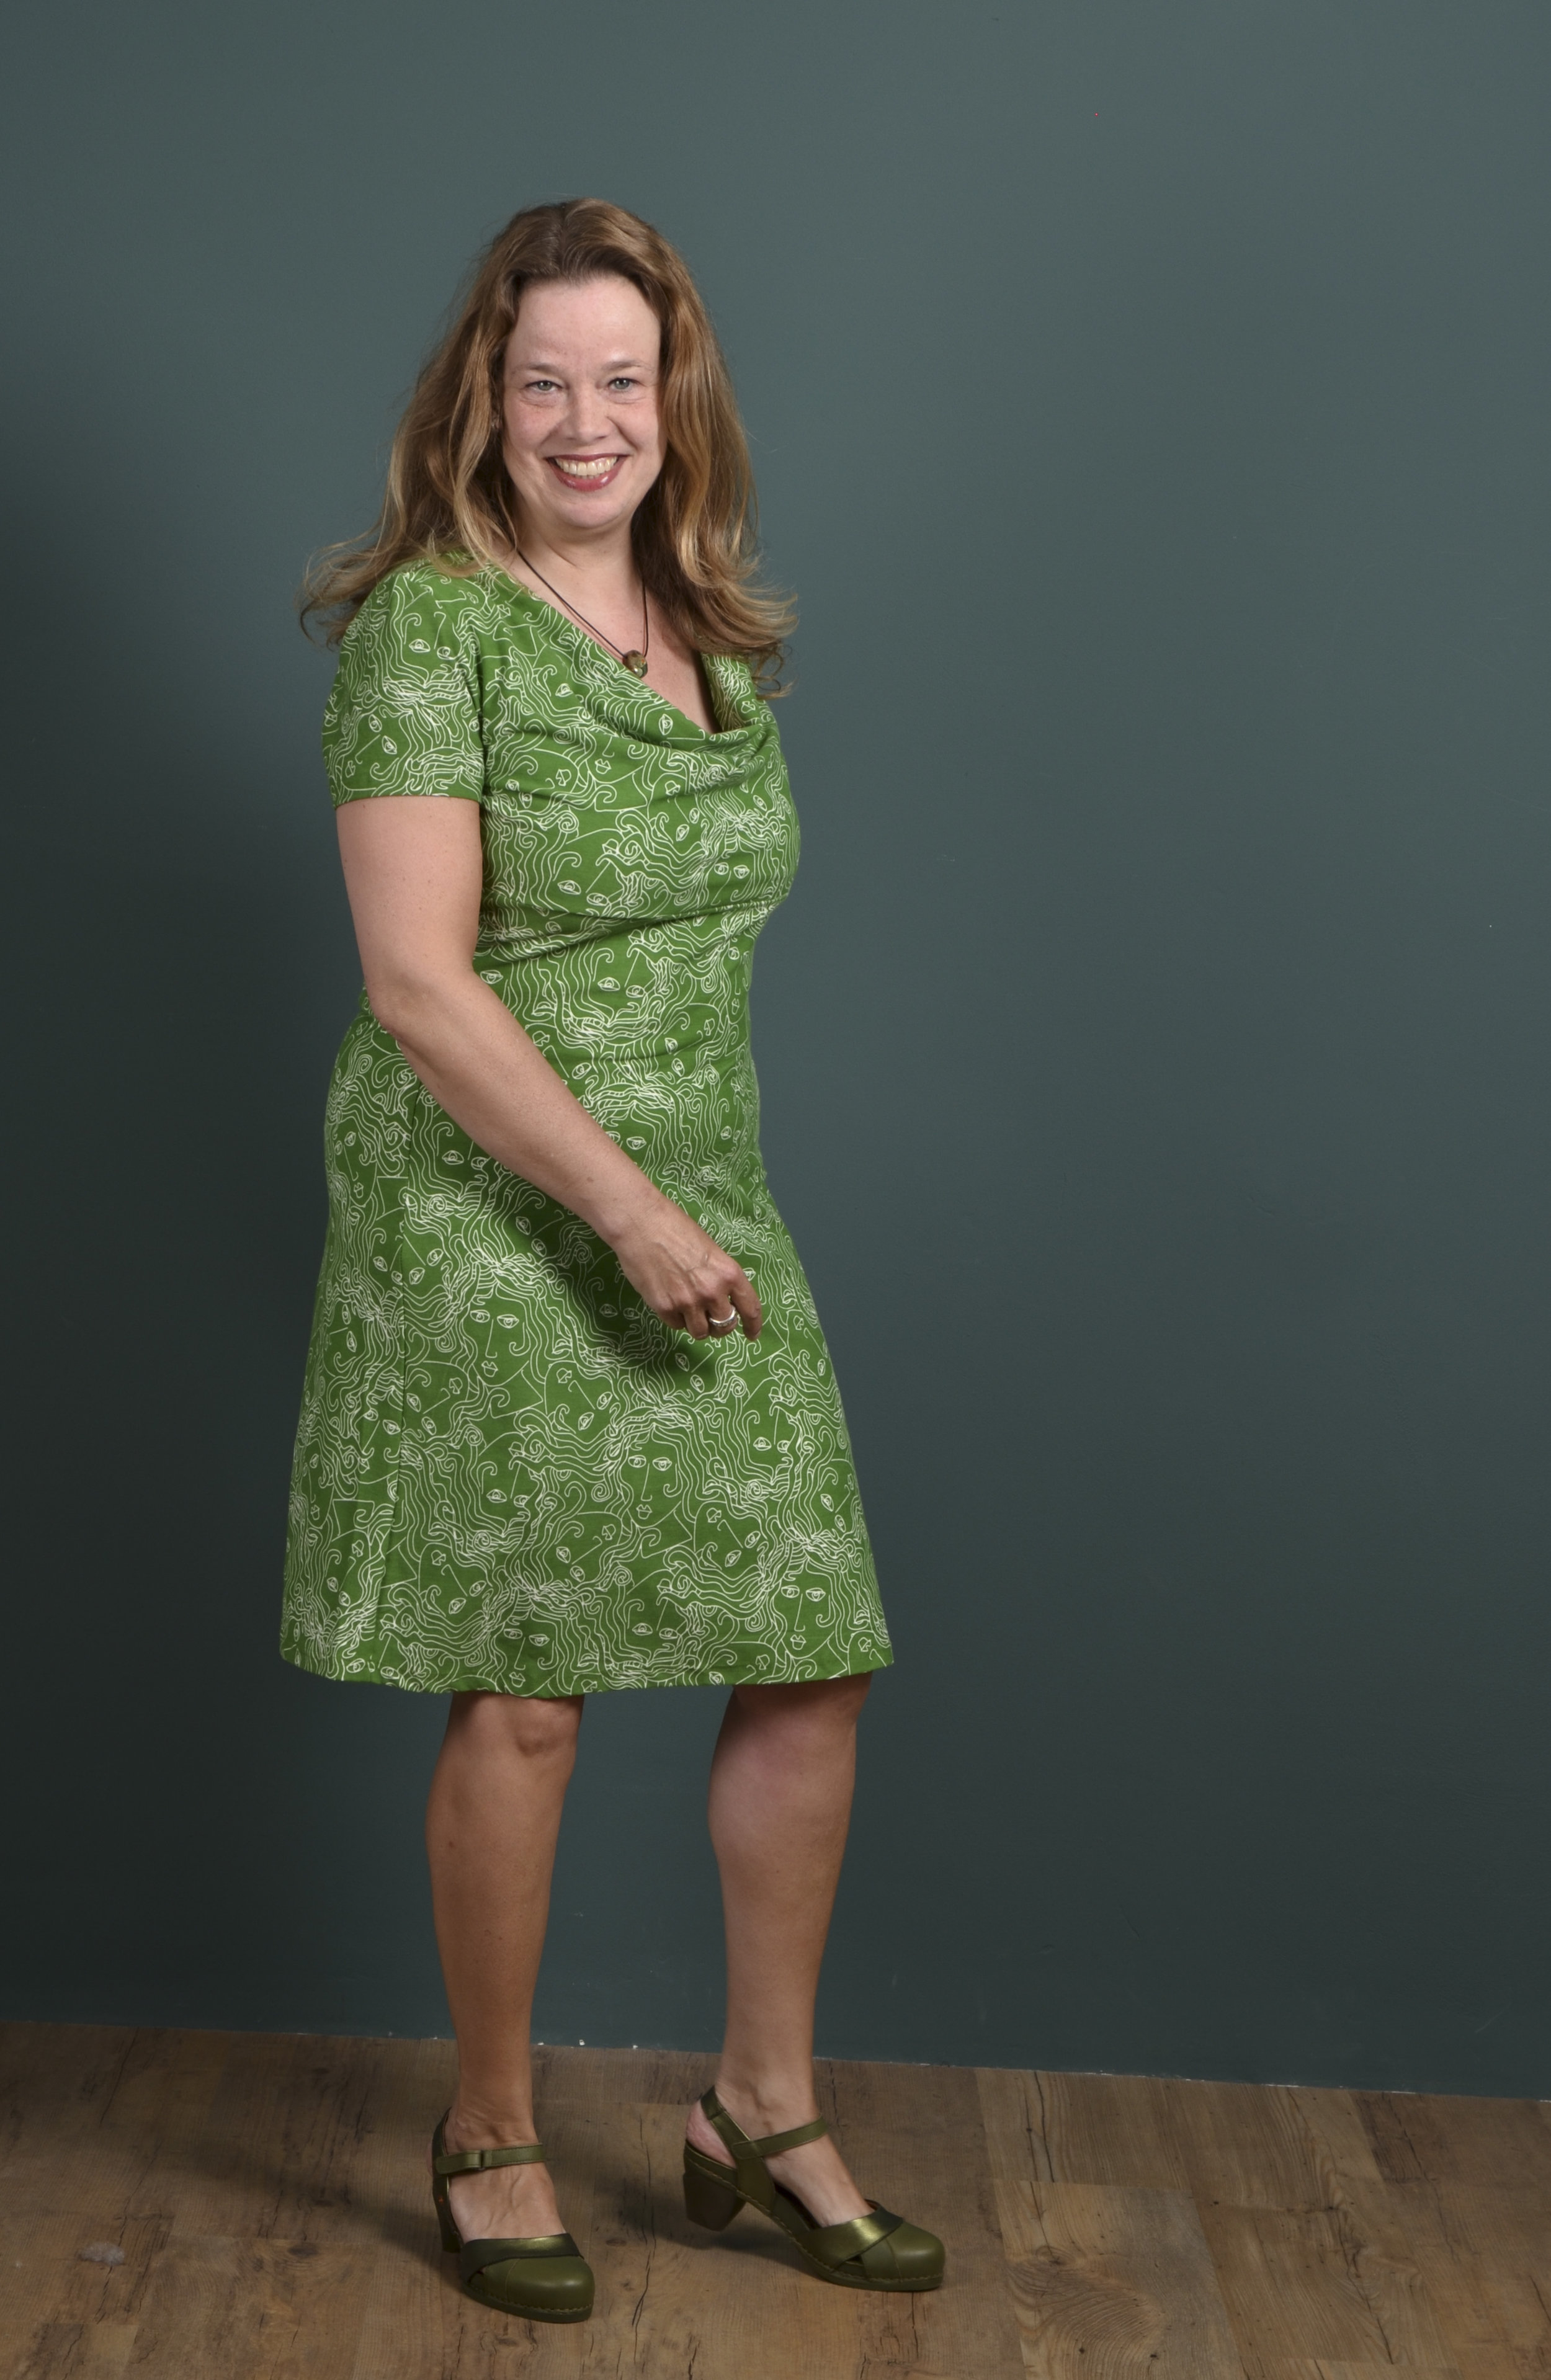 Wij vinden het leuk om klanten op de foto te zetten met verschillende figuur types. Susanne is wat voller en voelt zich ook heerlijk in jurken. We zoeken samen naar het juiste model en een kleur die goed staat en daar staat weer een blije dame op de foto. De schoenen zijn van ART.